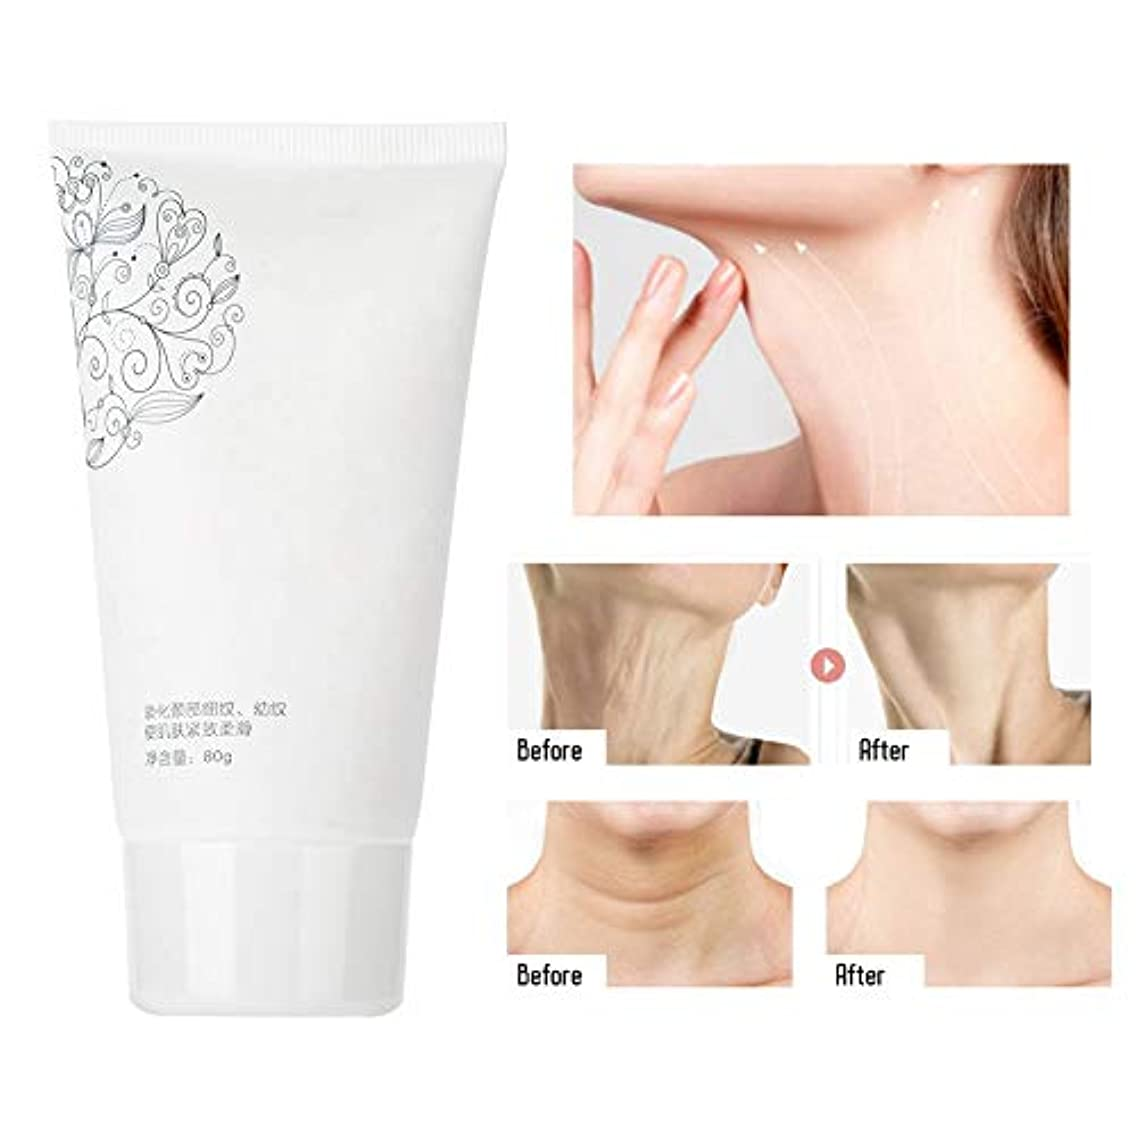 オーブン変形打倒ネッククリーム、ホワイトニングネッククリームすべての肌タイプに適しており、特に水の不足によって引き起こされる強い引き締まった肌がある、または日焼けした、赤または日焼けした首の肌に適しています。